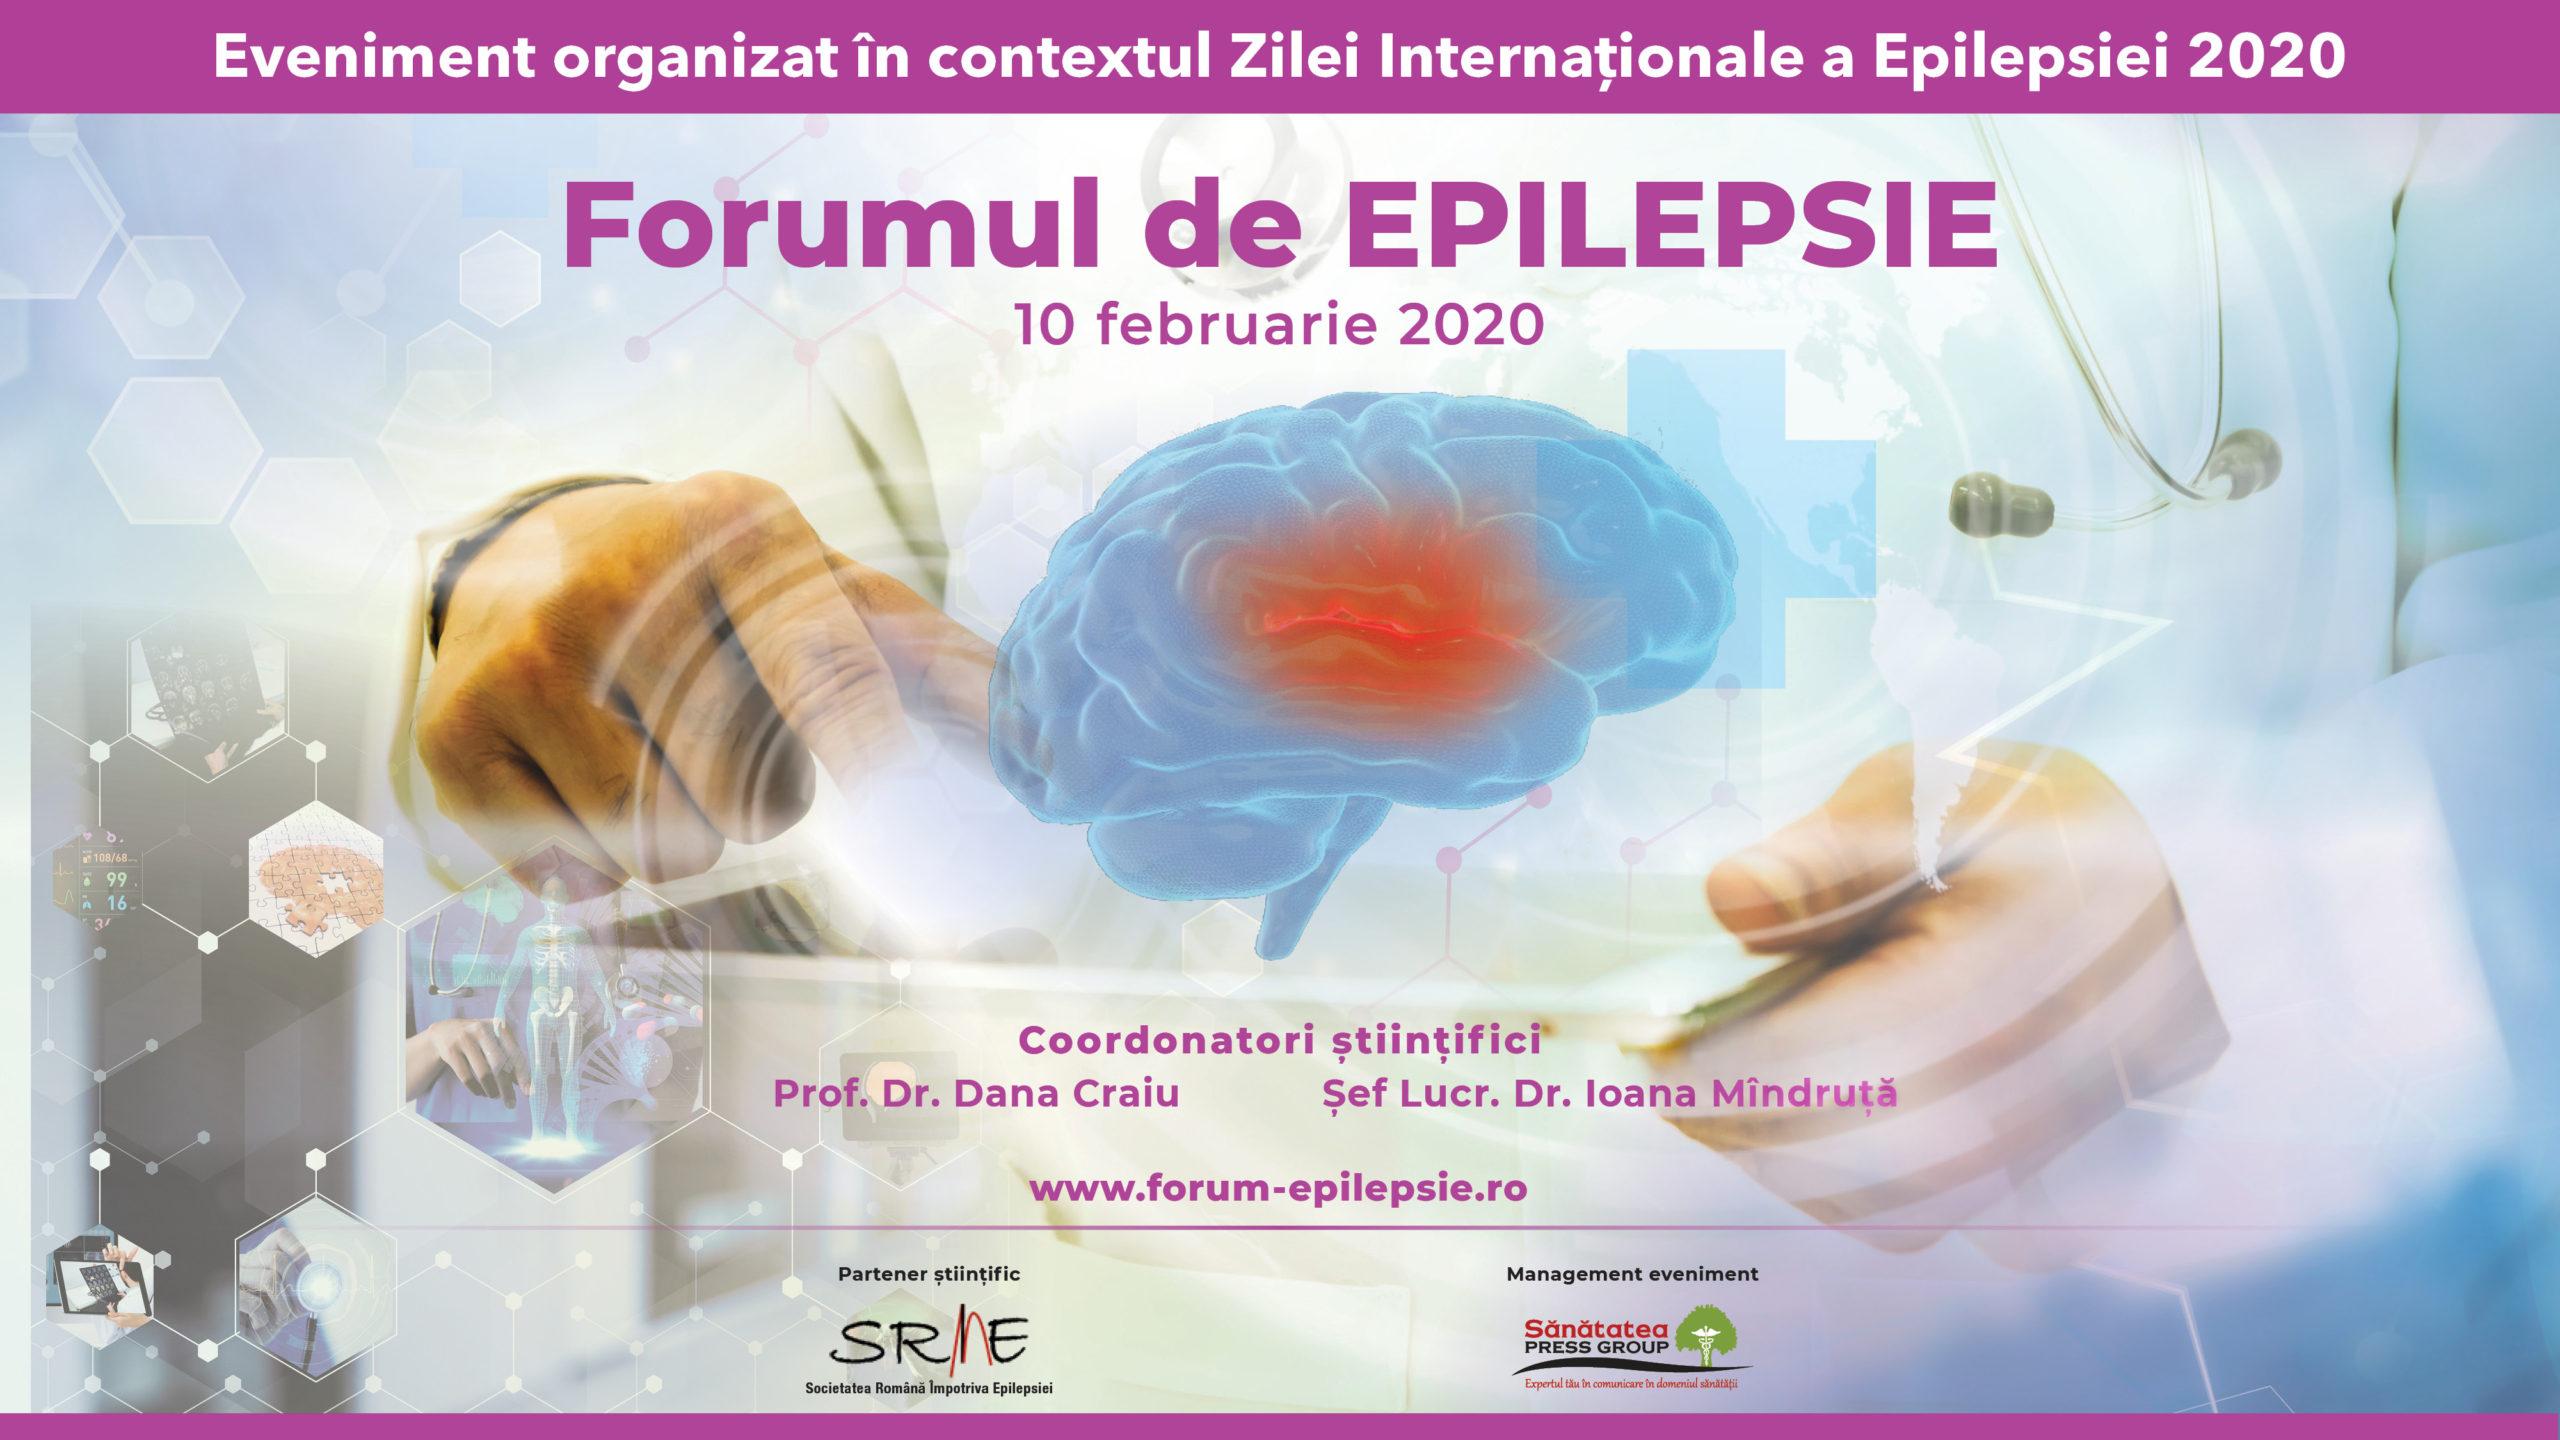 Forum Epilepsie